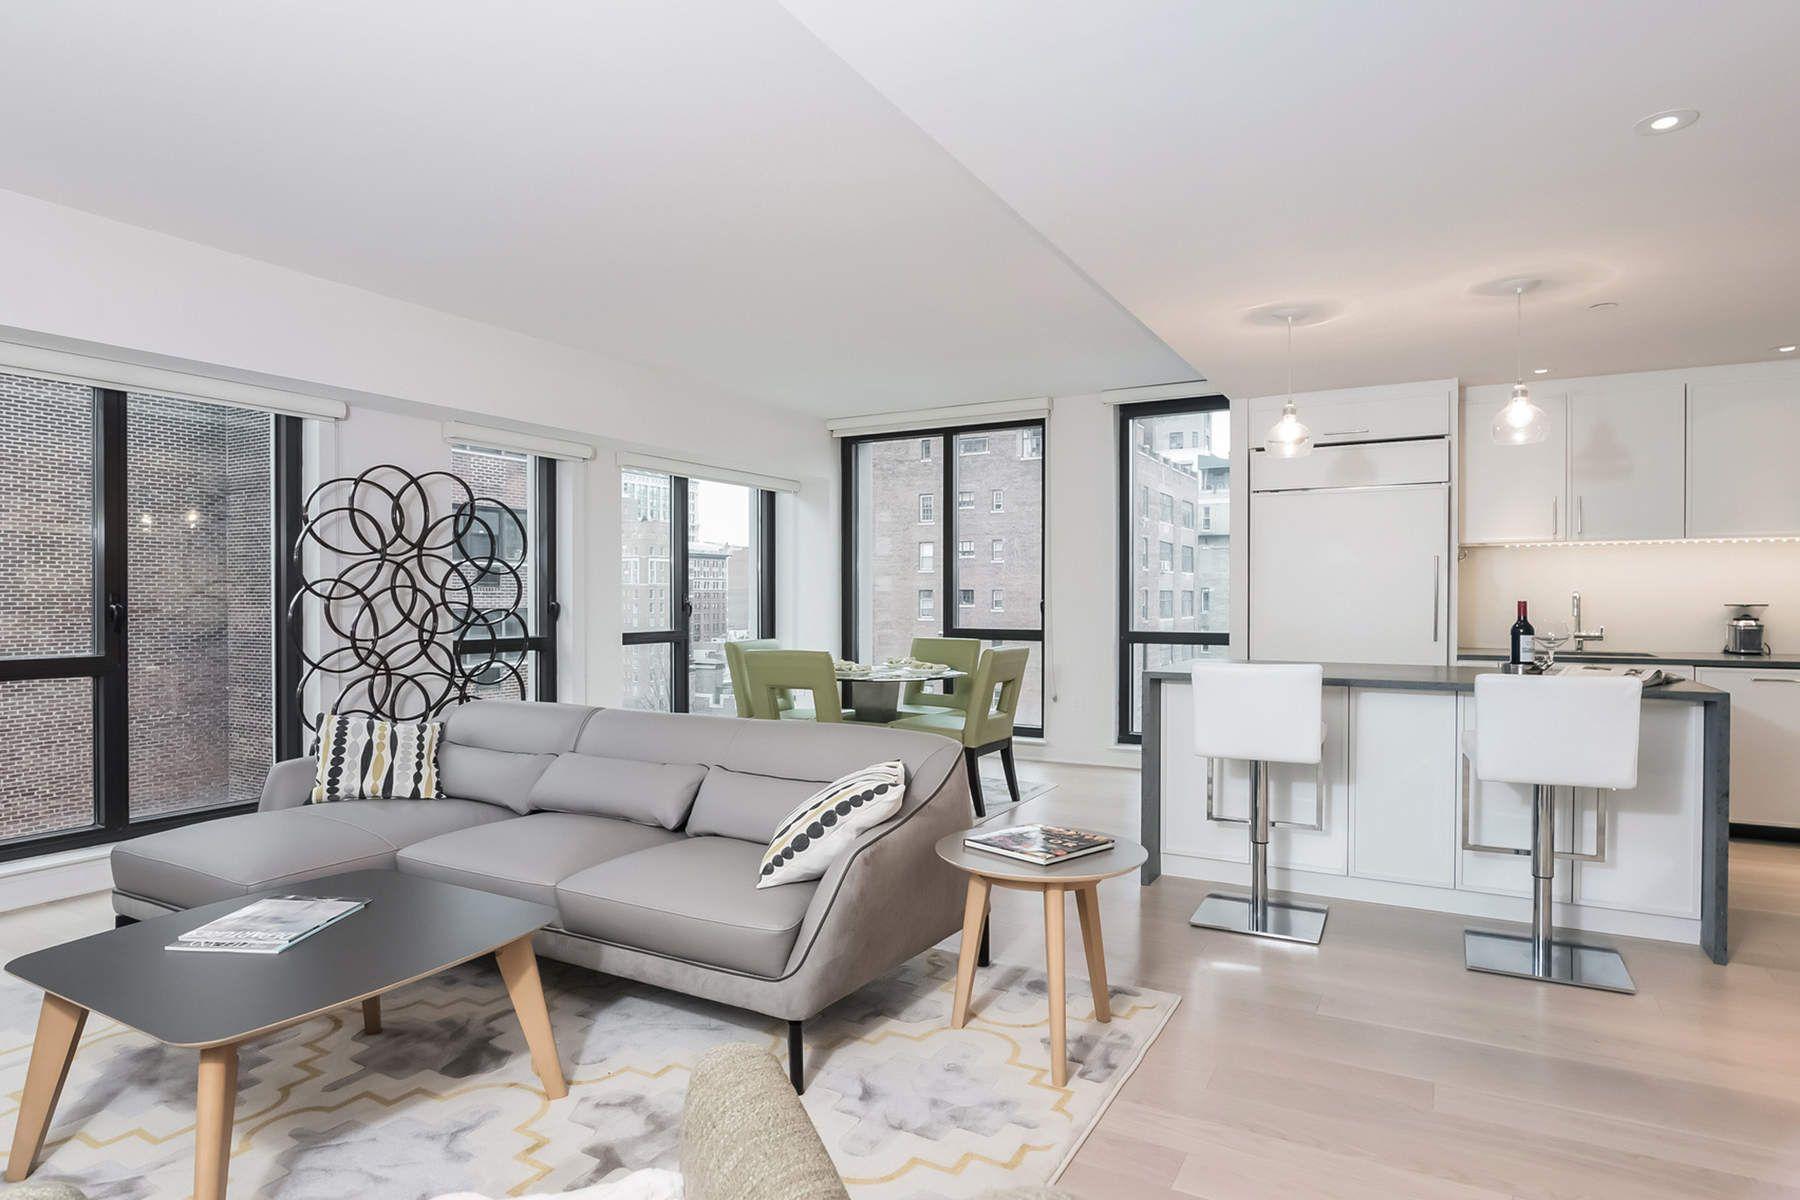 شقة بعمارة للـ Sale في 160 East 22nd Street, Apt. 15E 160 East 22nd Street Apt. 15E, Gramercy Park, New York, New York, 10011 United States